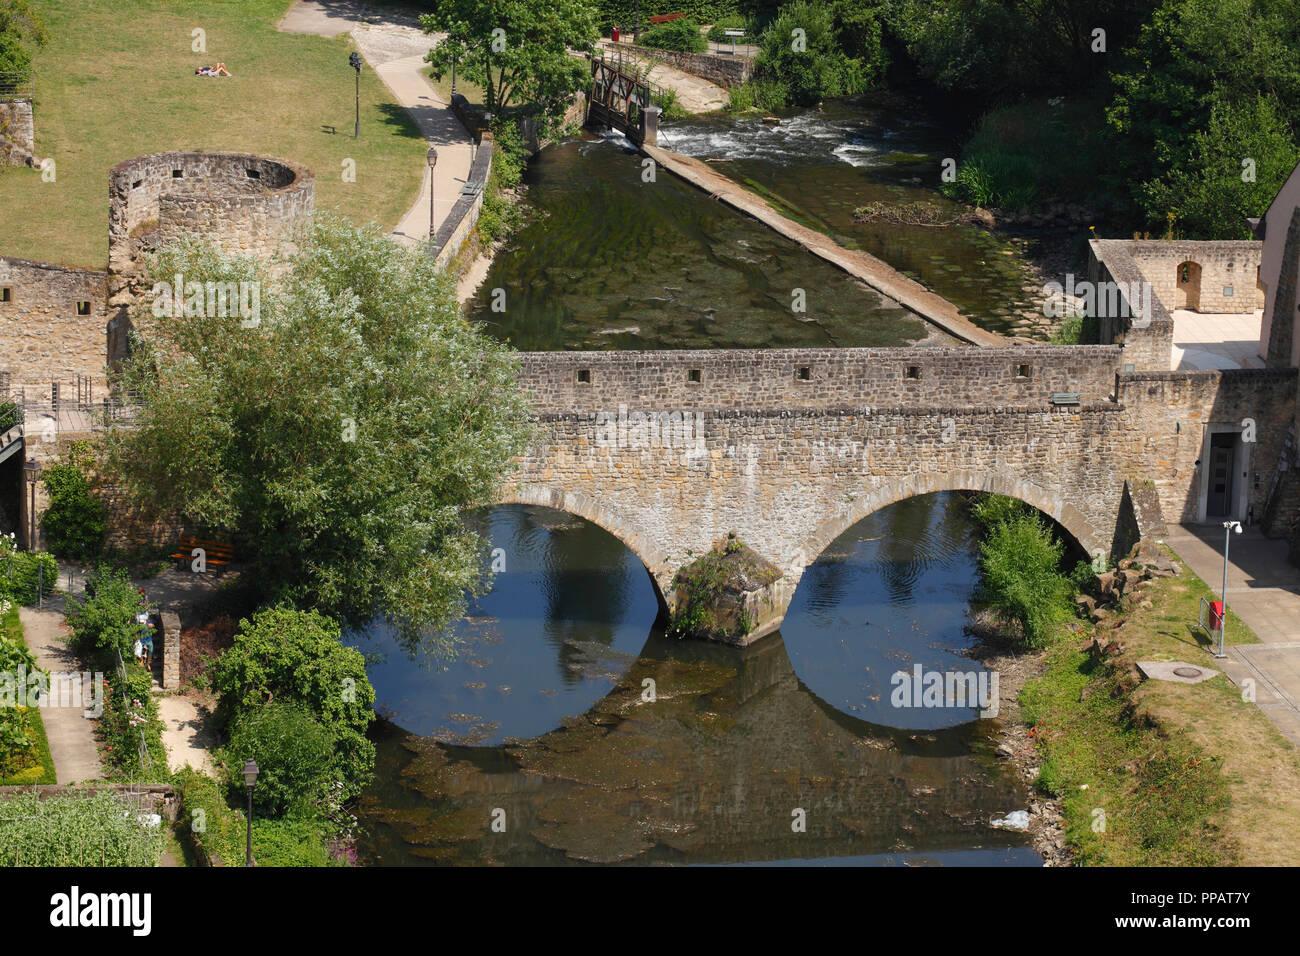 Taurus Brücke, Stadtmauer und Alzette, Luxembourg City, Luxemburg, Europa ich Brücke Stierchen, Stadtmauer und Fluss Alzette, Luxemburg-Stadt, LStockfoto